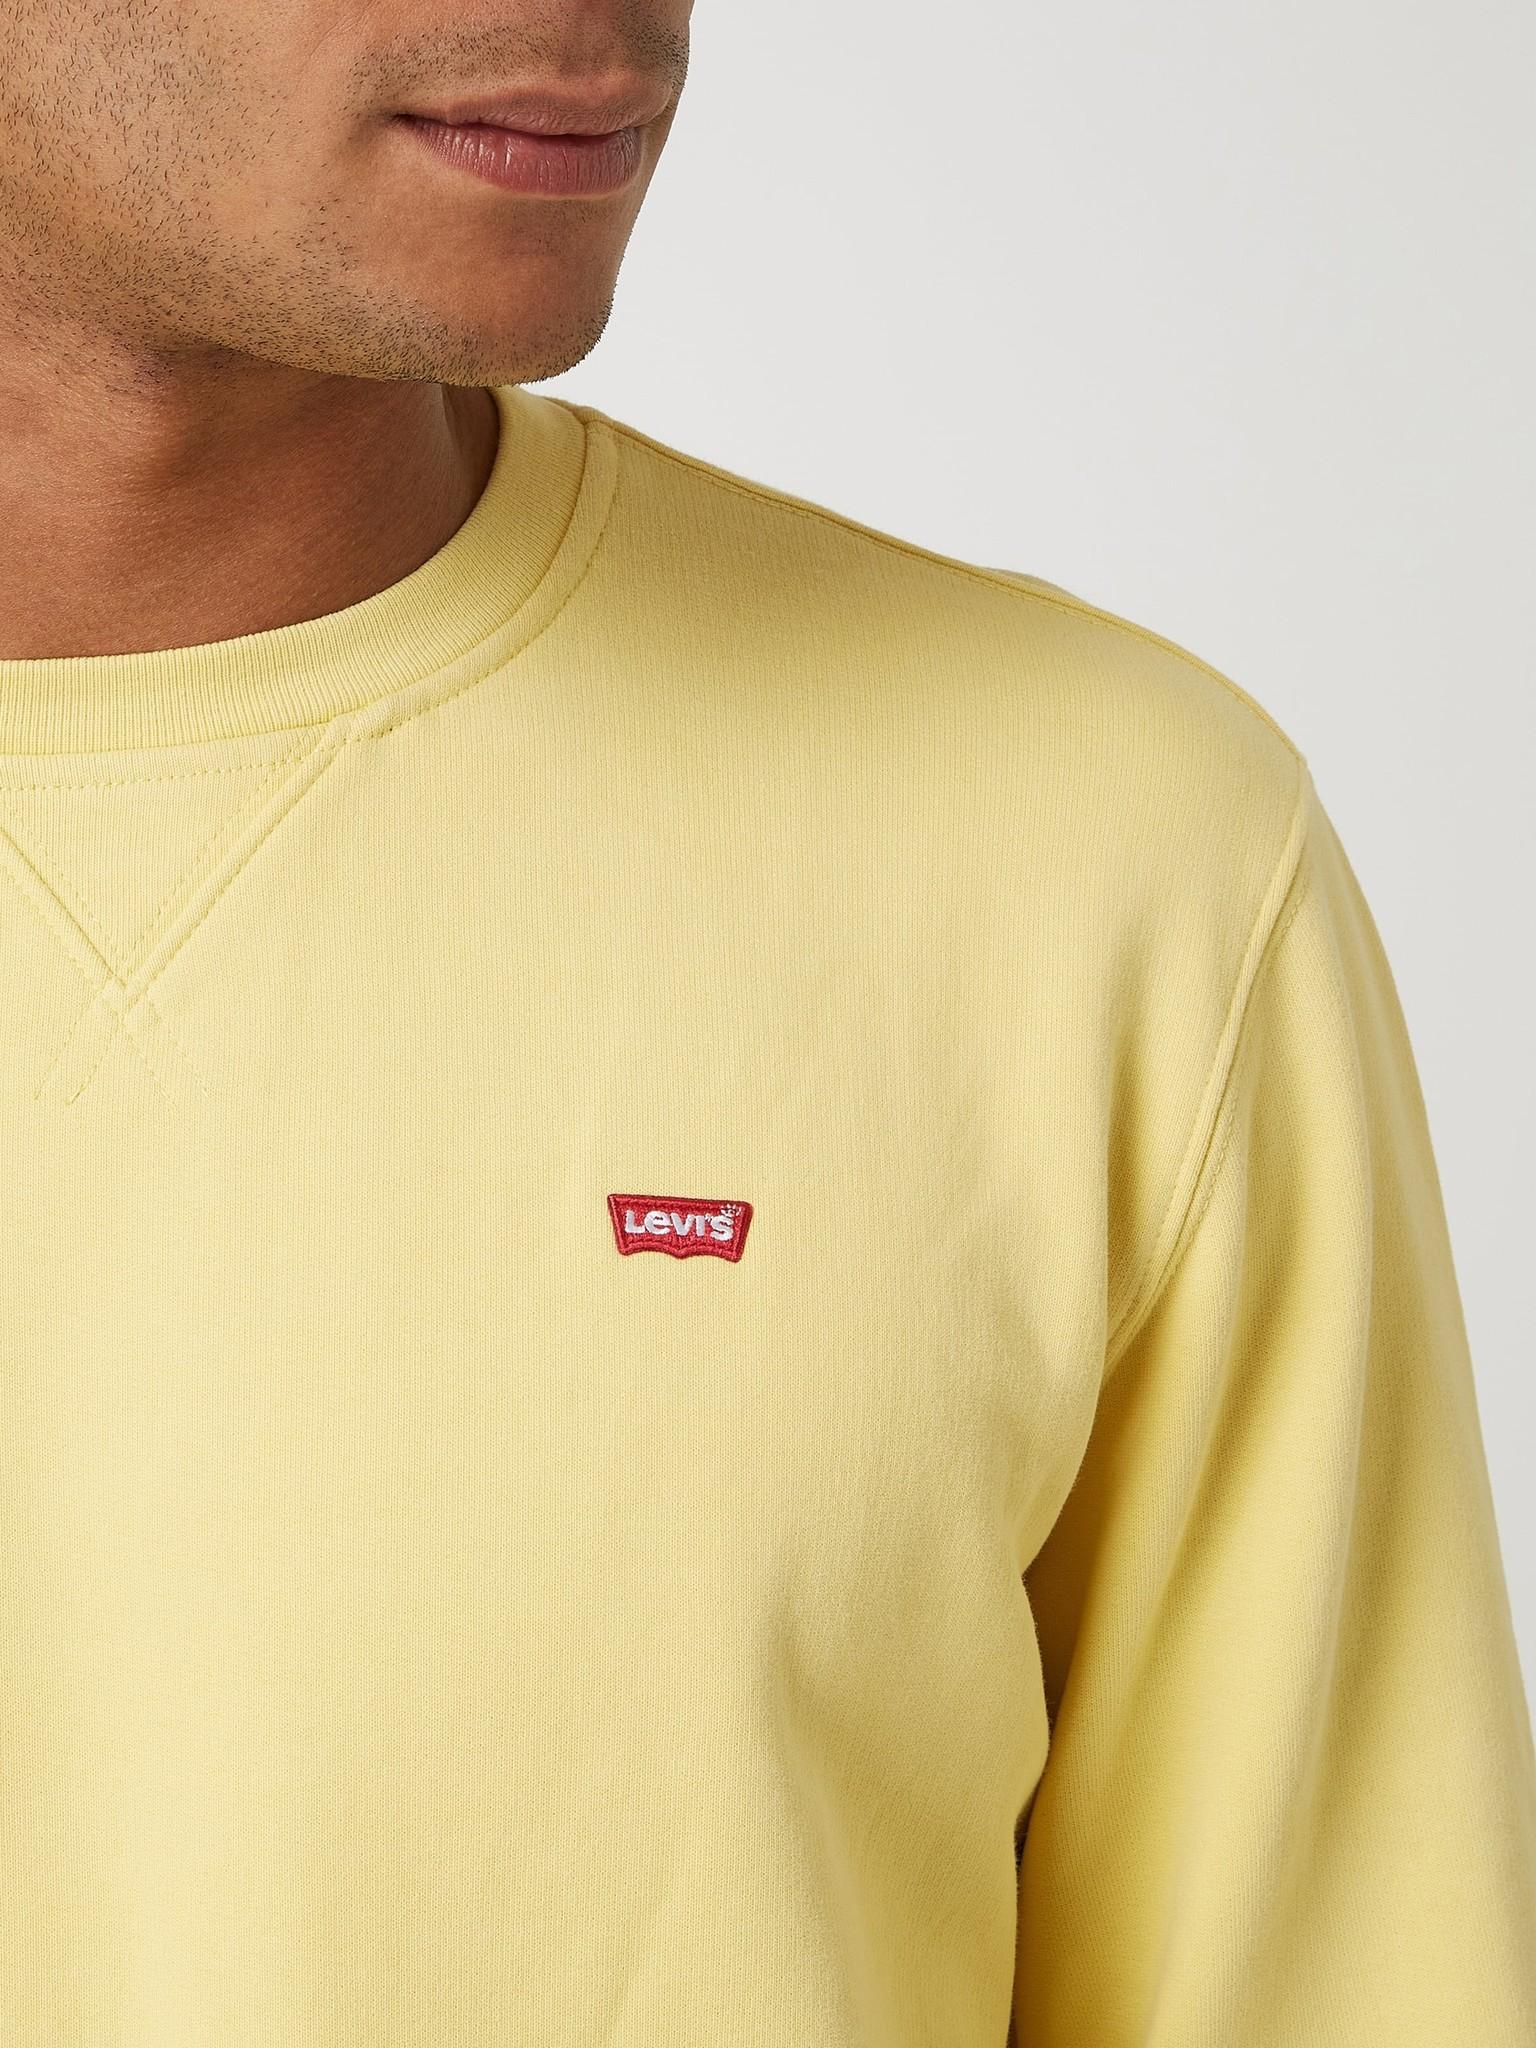 LEVIS sweat avec logo brodé-2